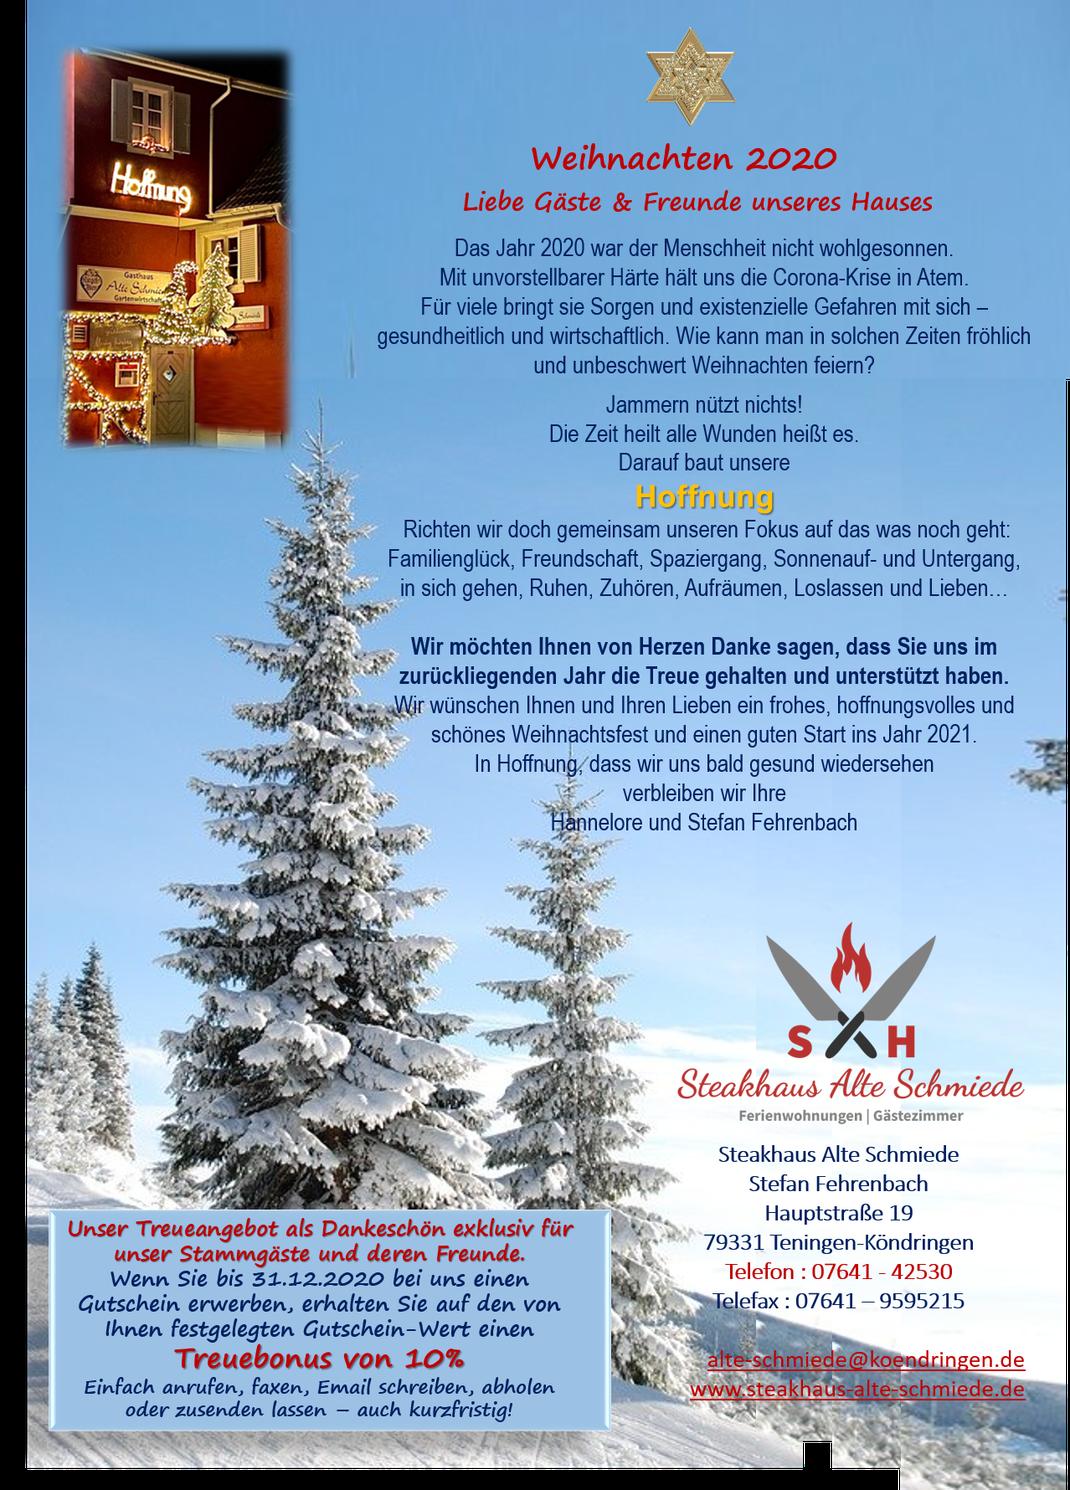 Weihnachtsgrüße von der Alten Schmiede, Steakhaus in Köndringen, Gutscheine, Angebot,  Weihnachten,